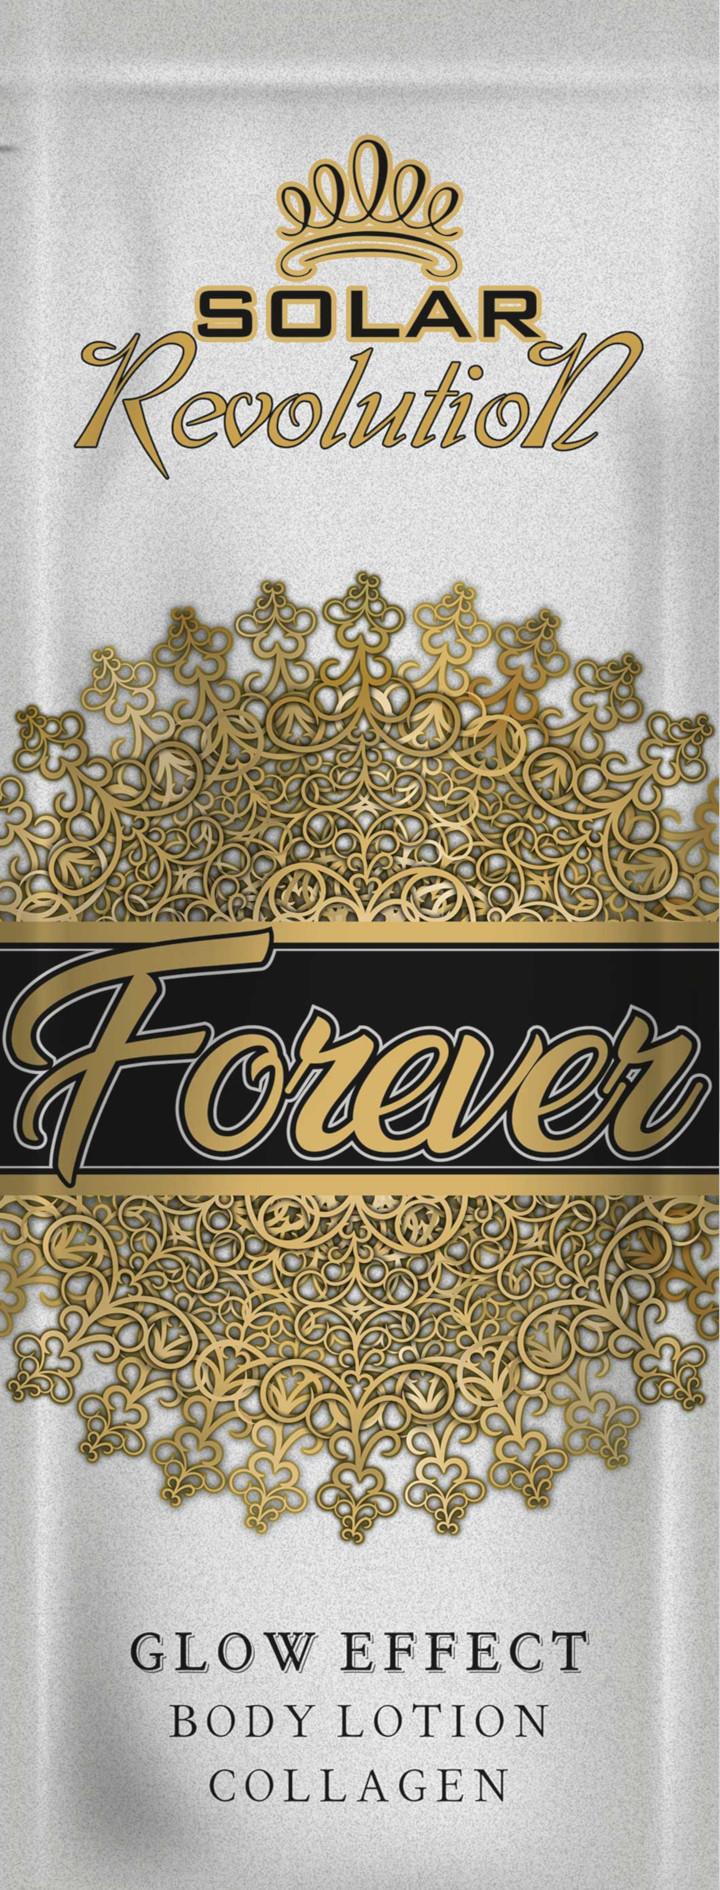 FOREVER_2